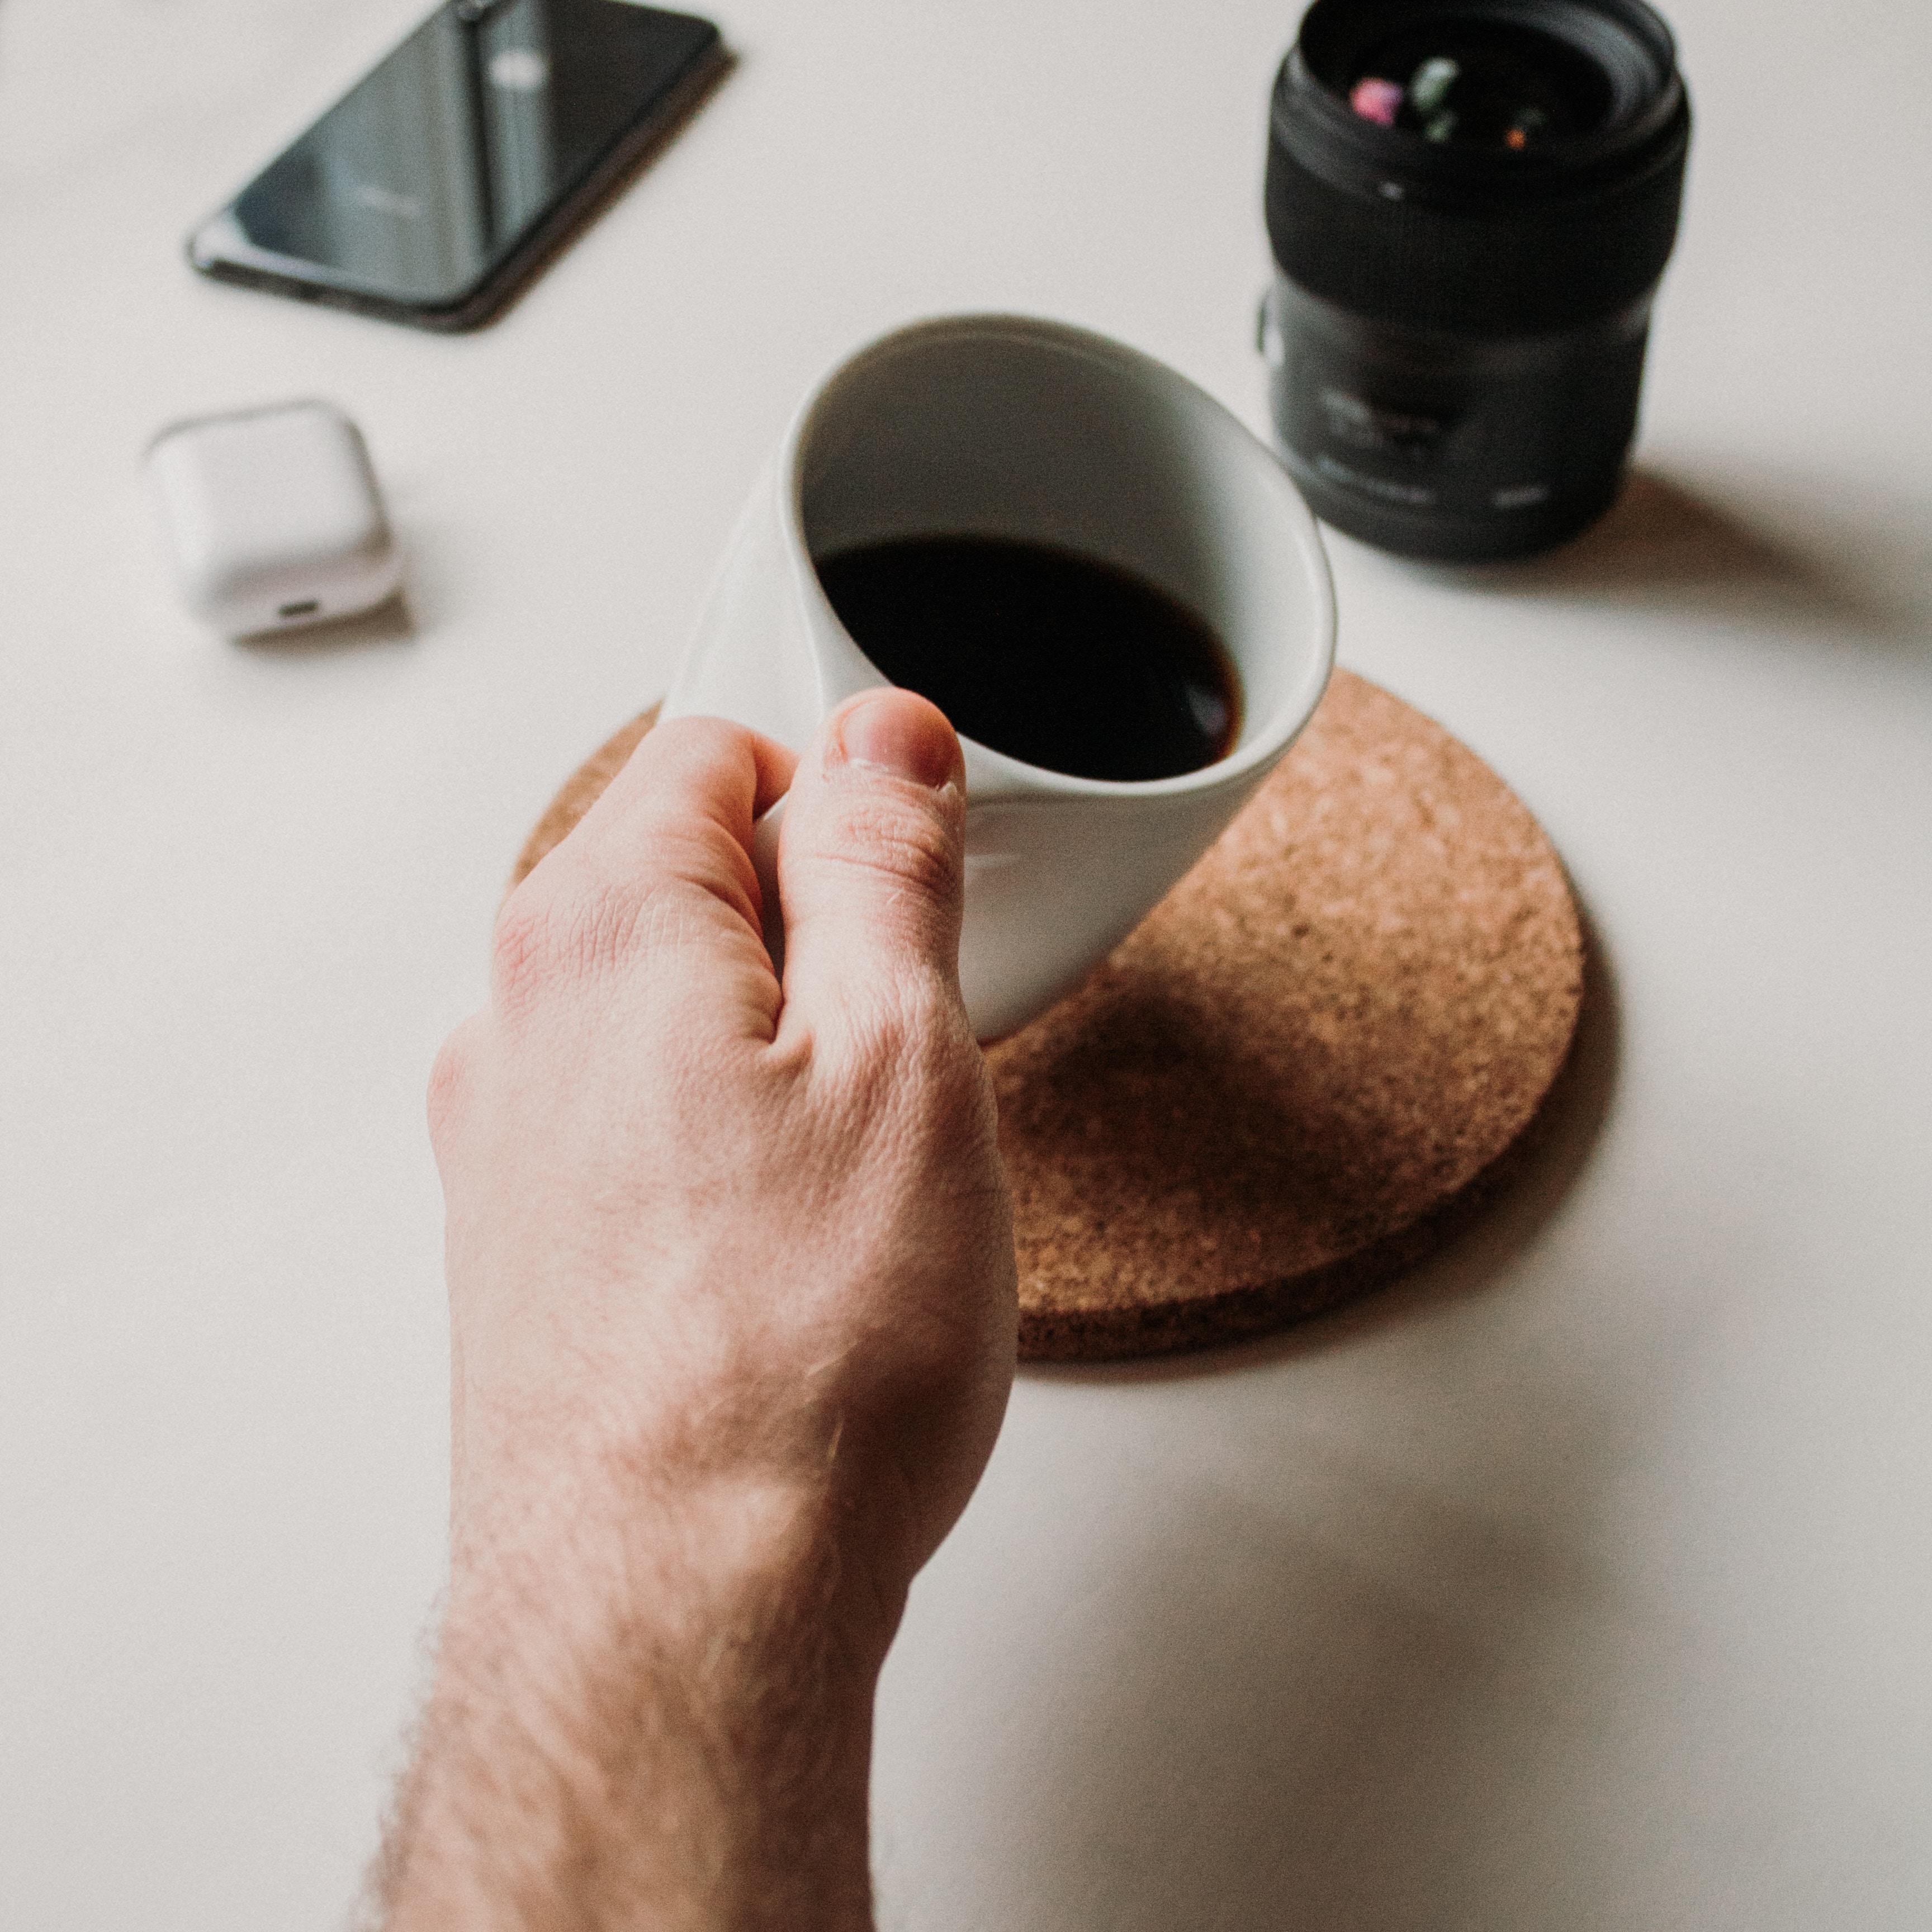 skutki uboczne kofeiny